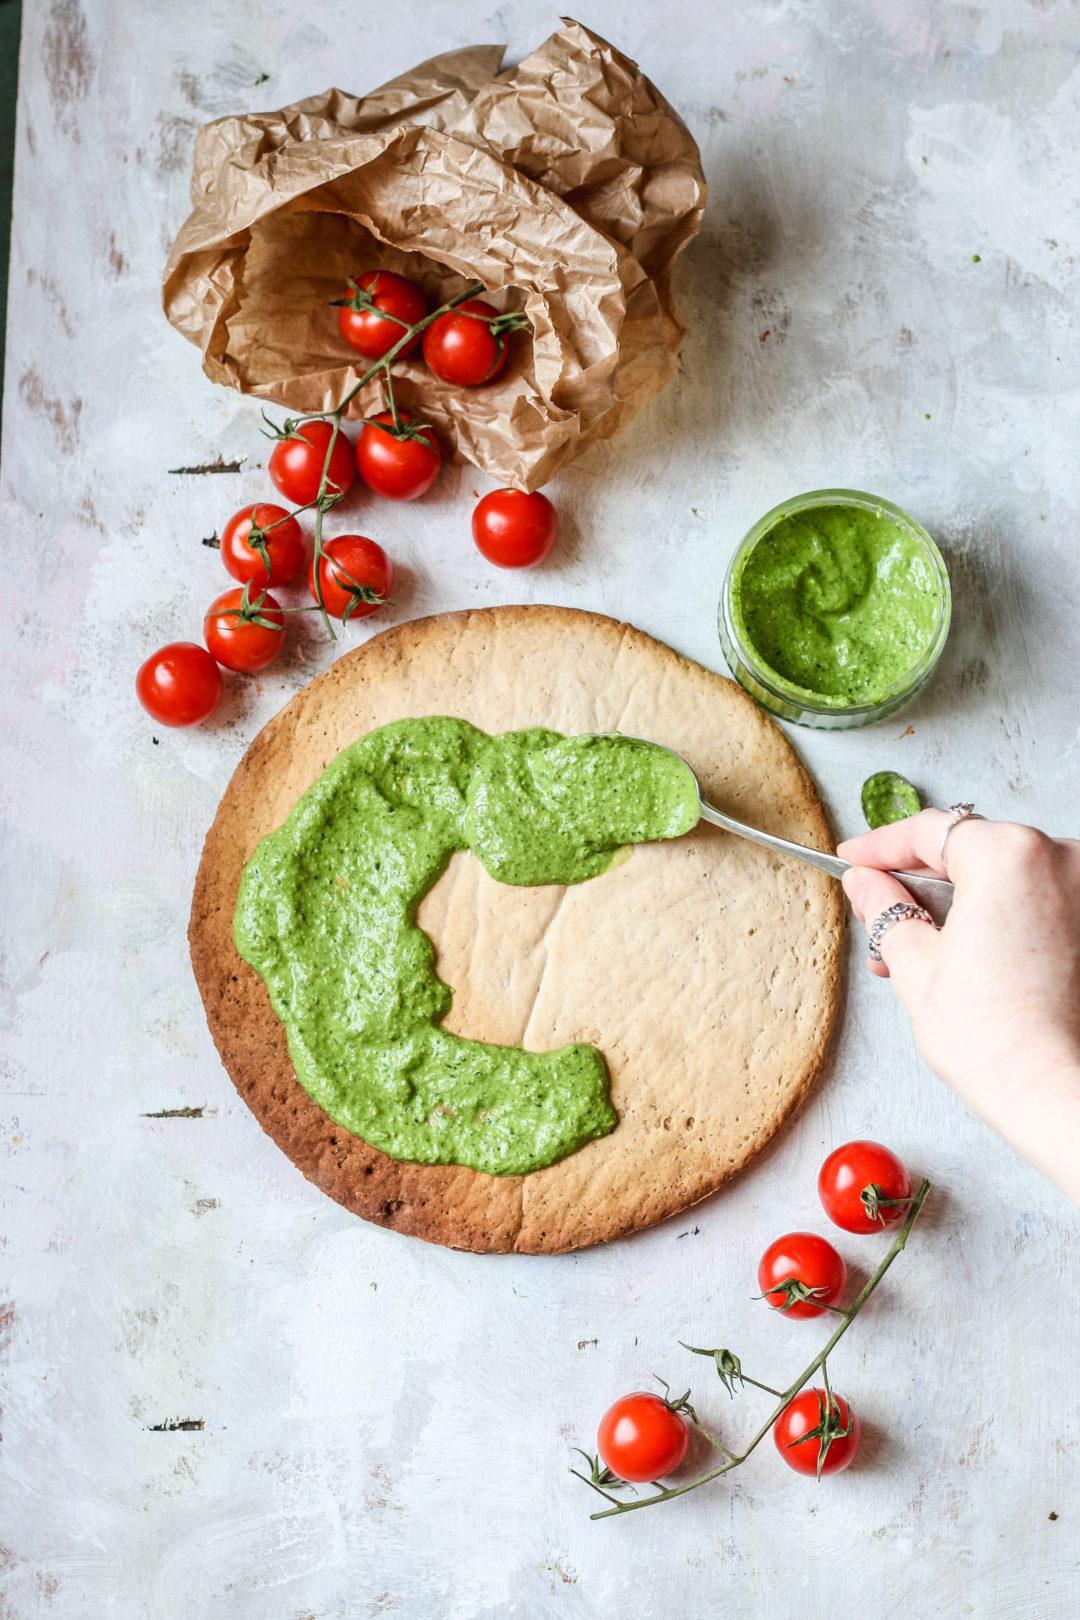 Spinach Pesto recipe vegan